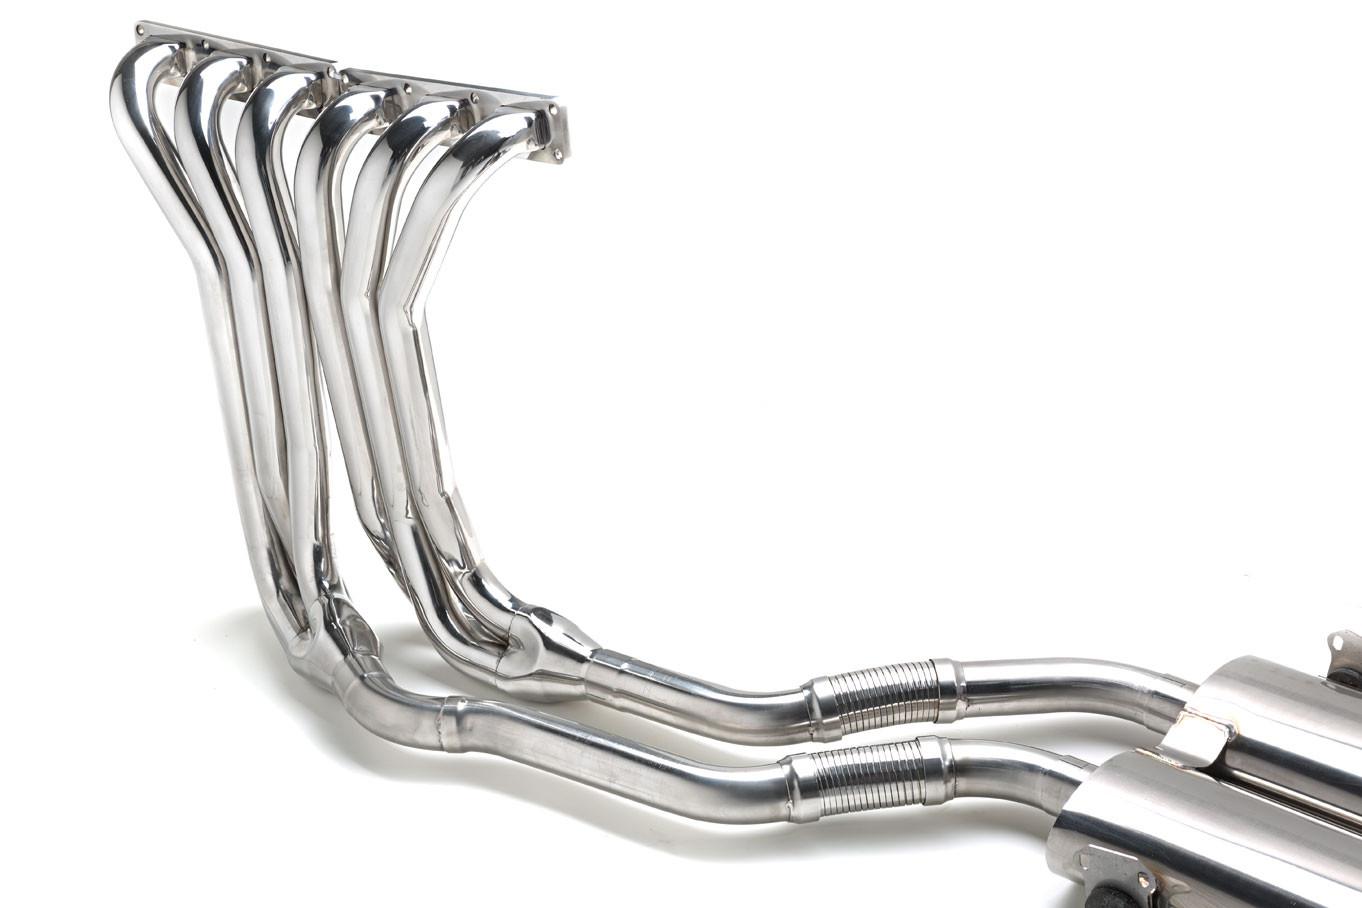 Tubular manifold